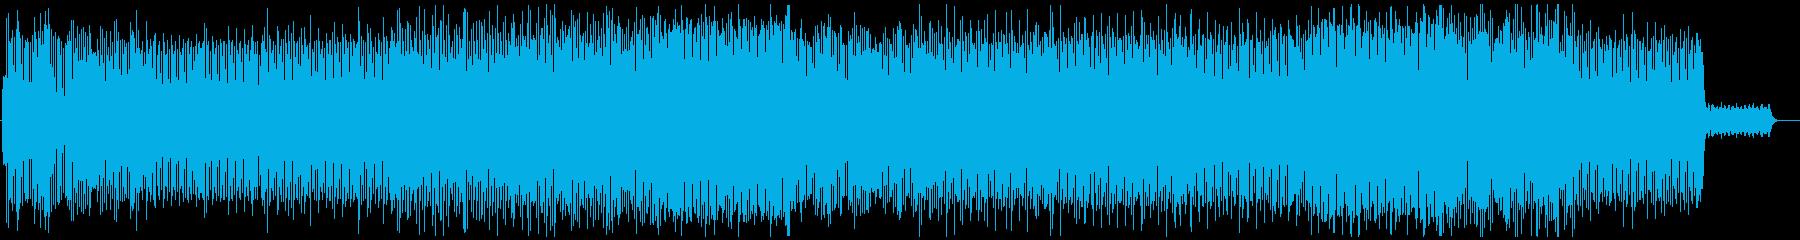 宮本武蔵 五輪書 地の巻を表現しました。の再生済みの波形